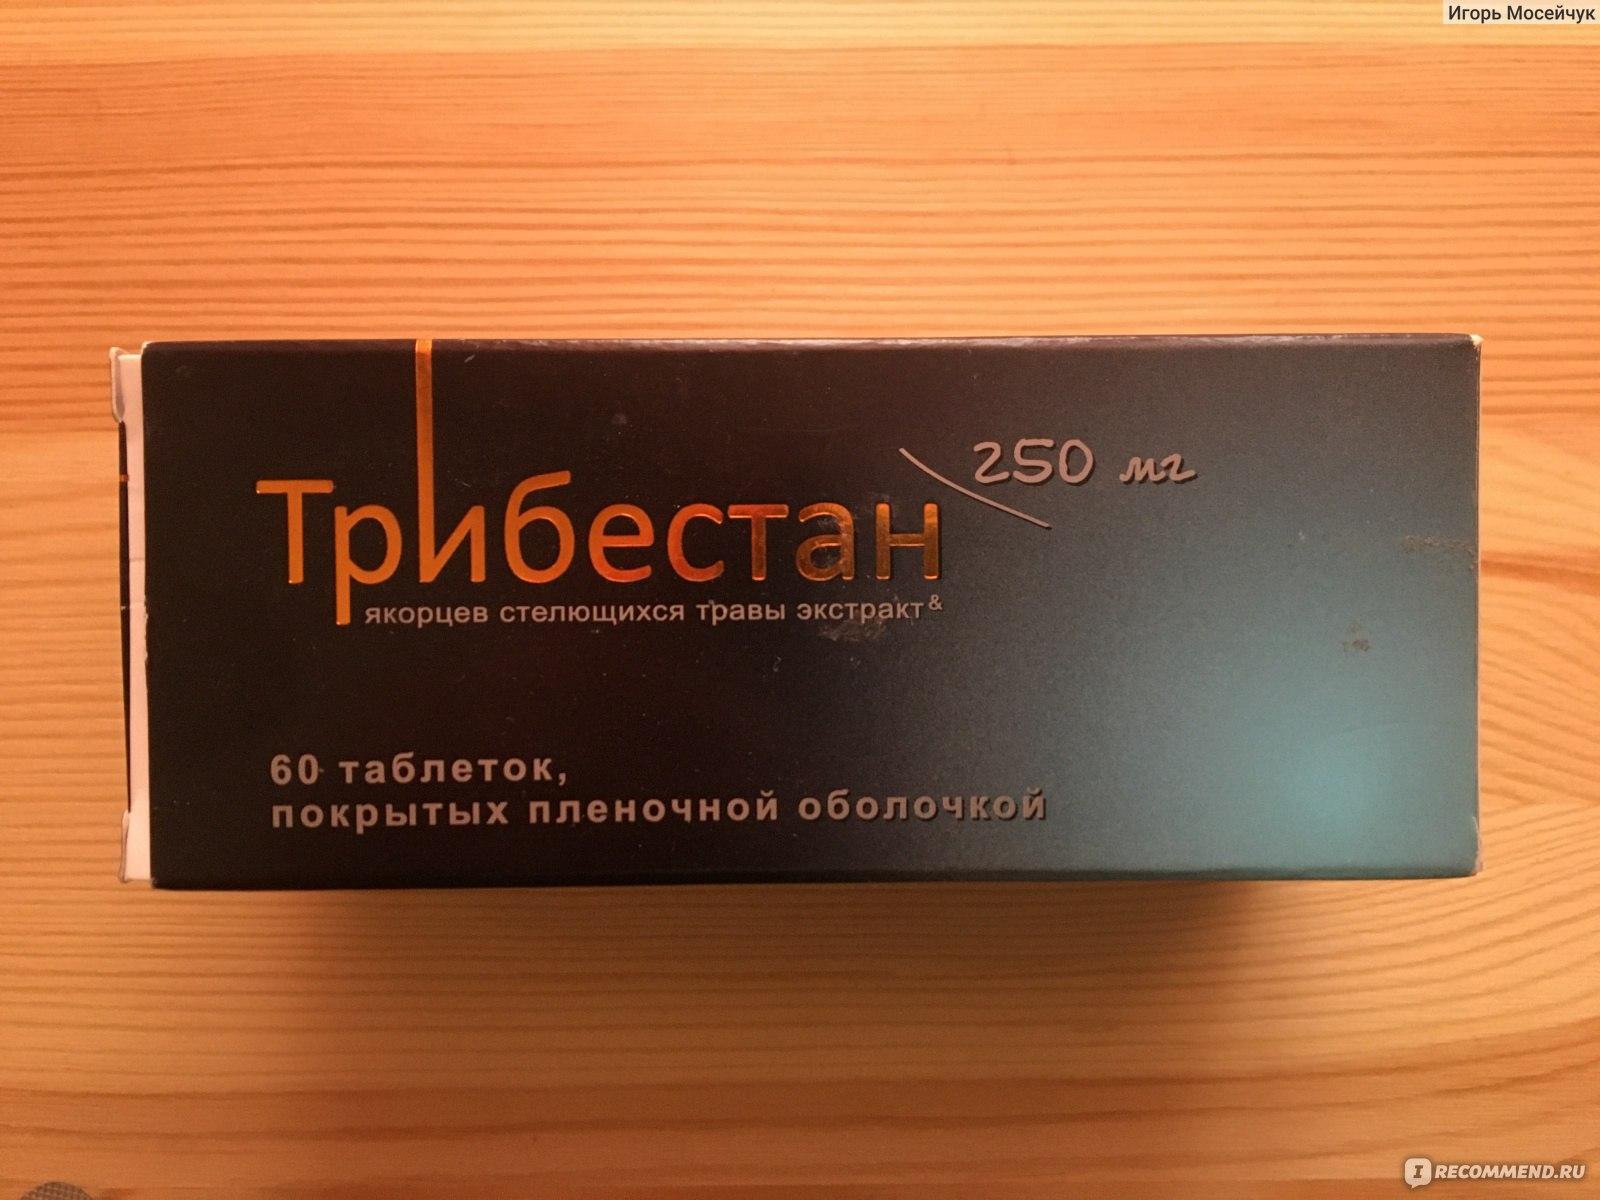 трибестан для лечения простатита